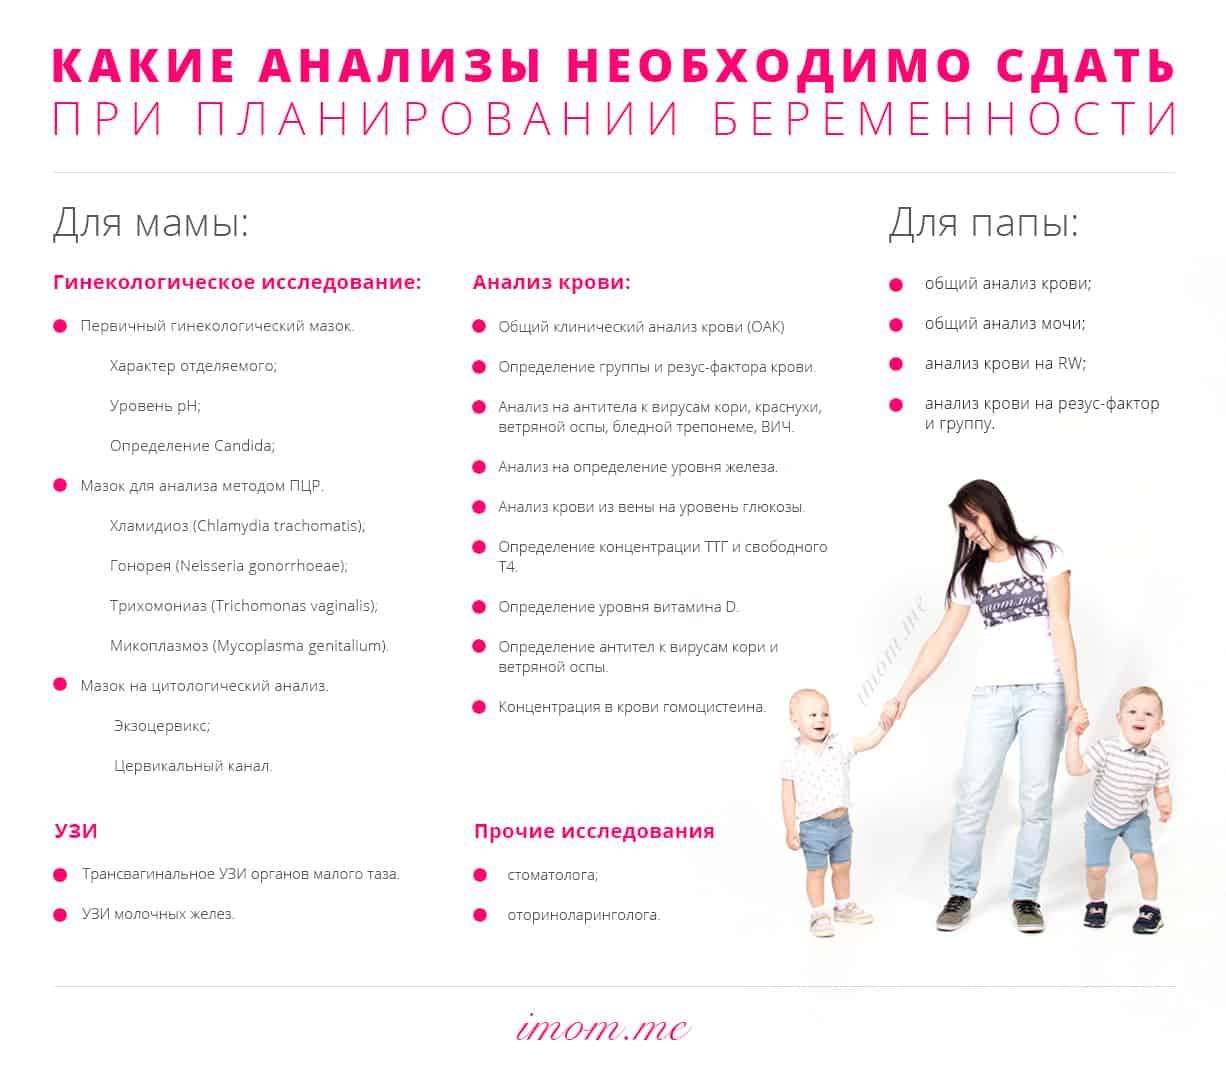 Список анализов (для женщин и мужчин) при планировании беременности